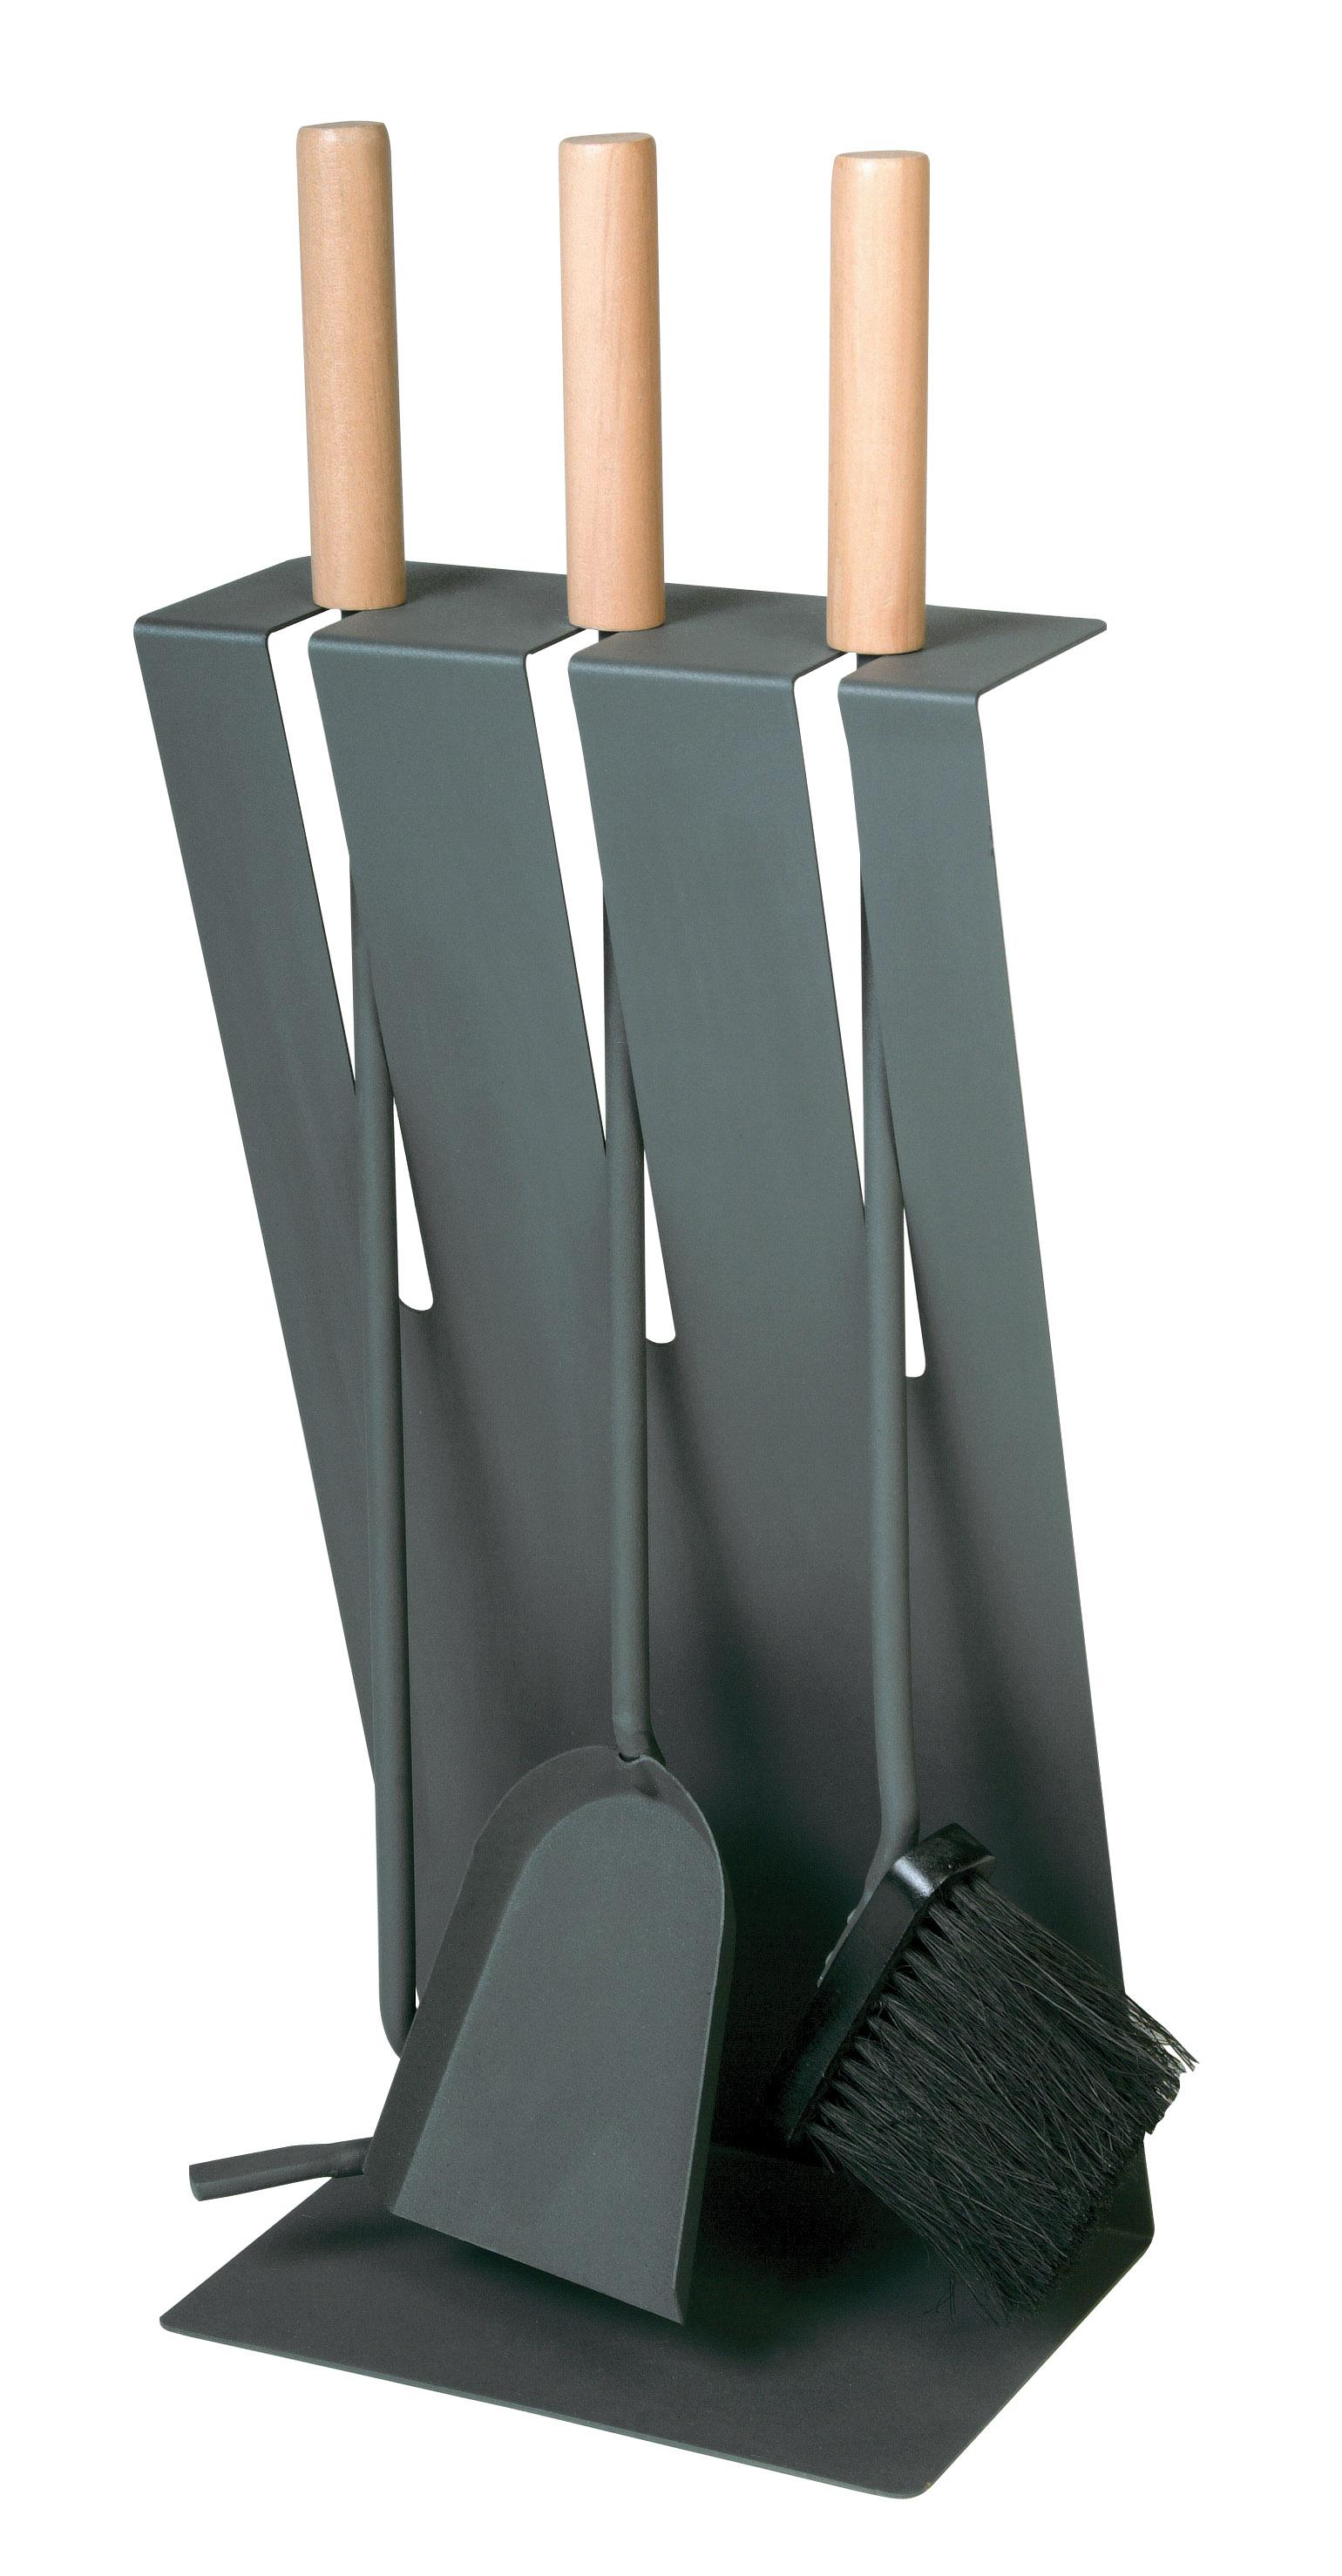 kaminbesteck lienbacher basic anthrazit 3teilig holzgriffe. Black Bedroom Furniture Sets. Home Design Ideas